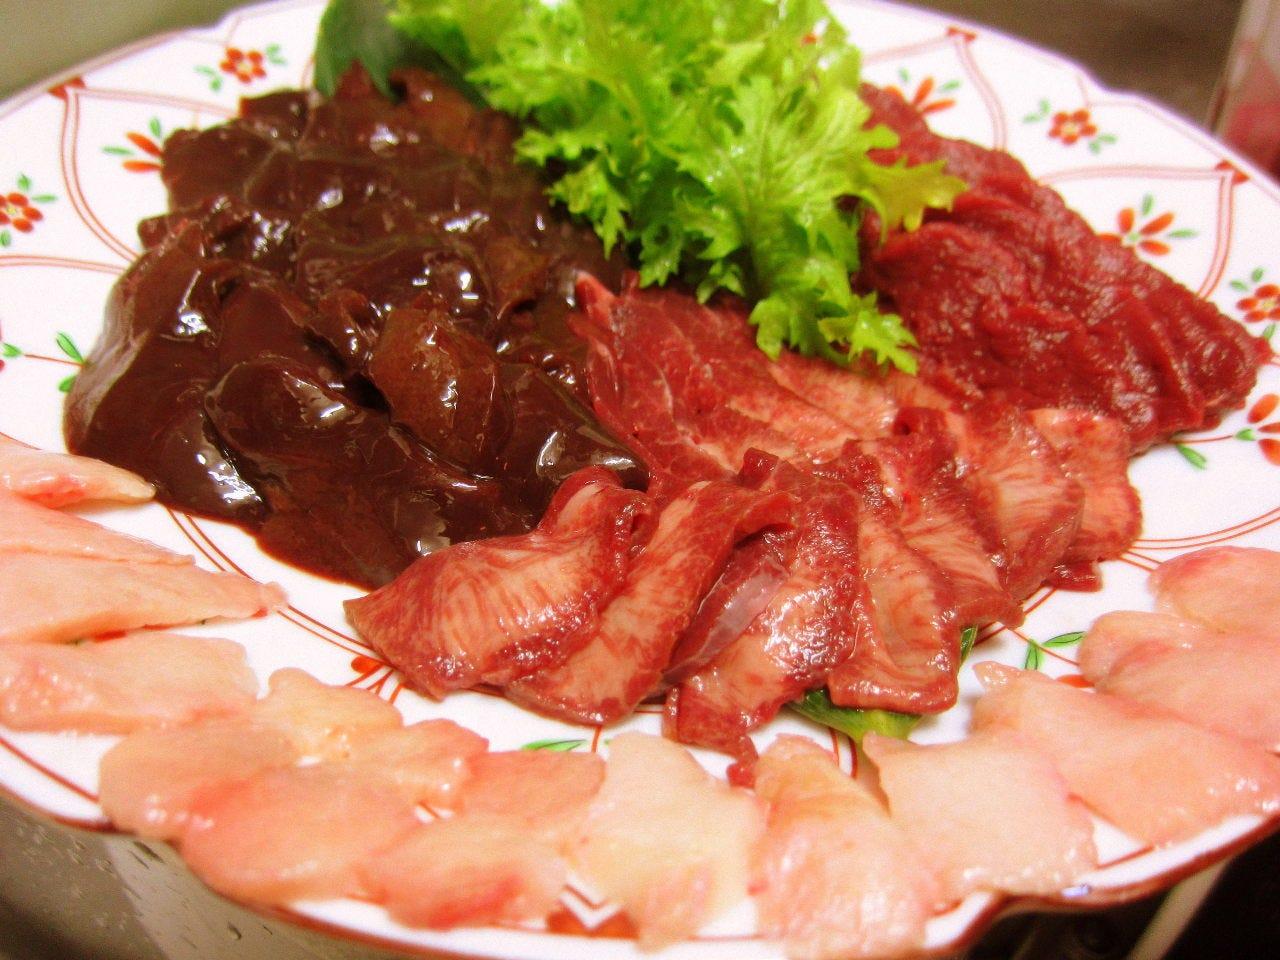 秋田産馬肉の盛り合わせ 鮮度抜群の逸品です